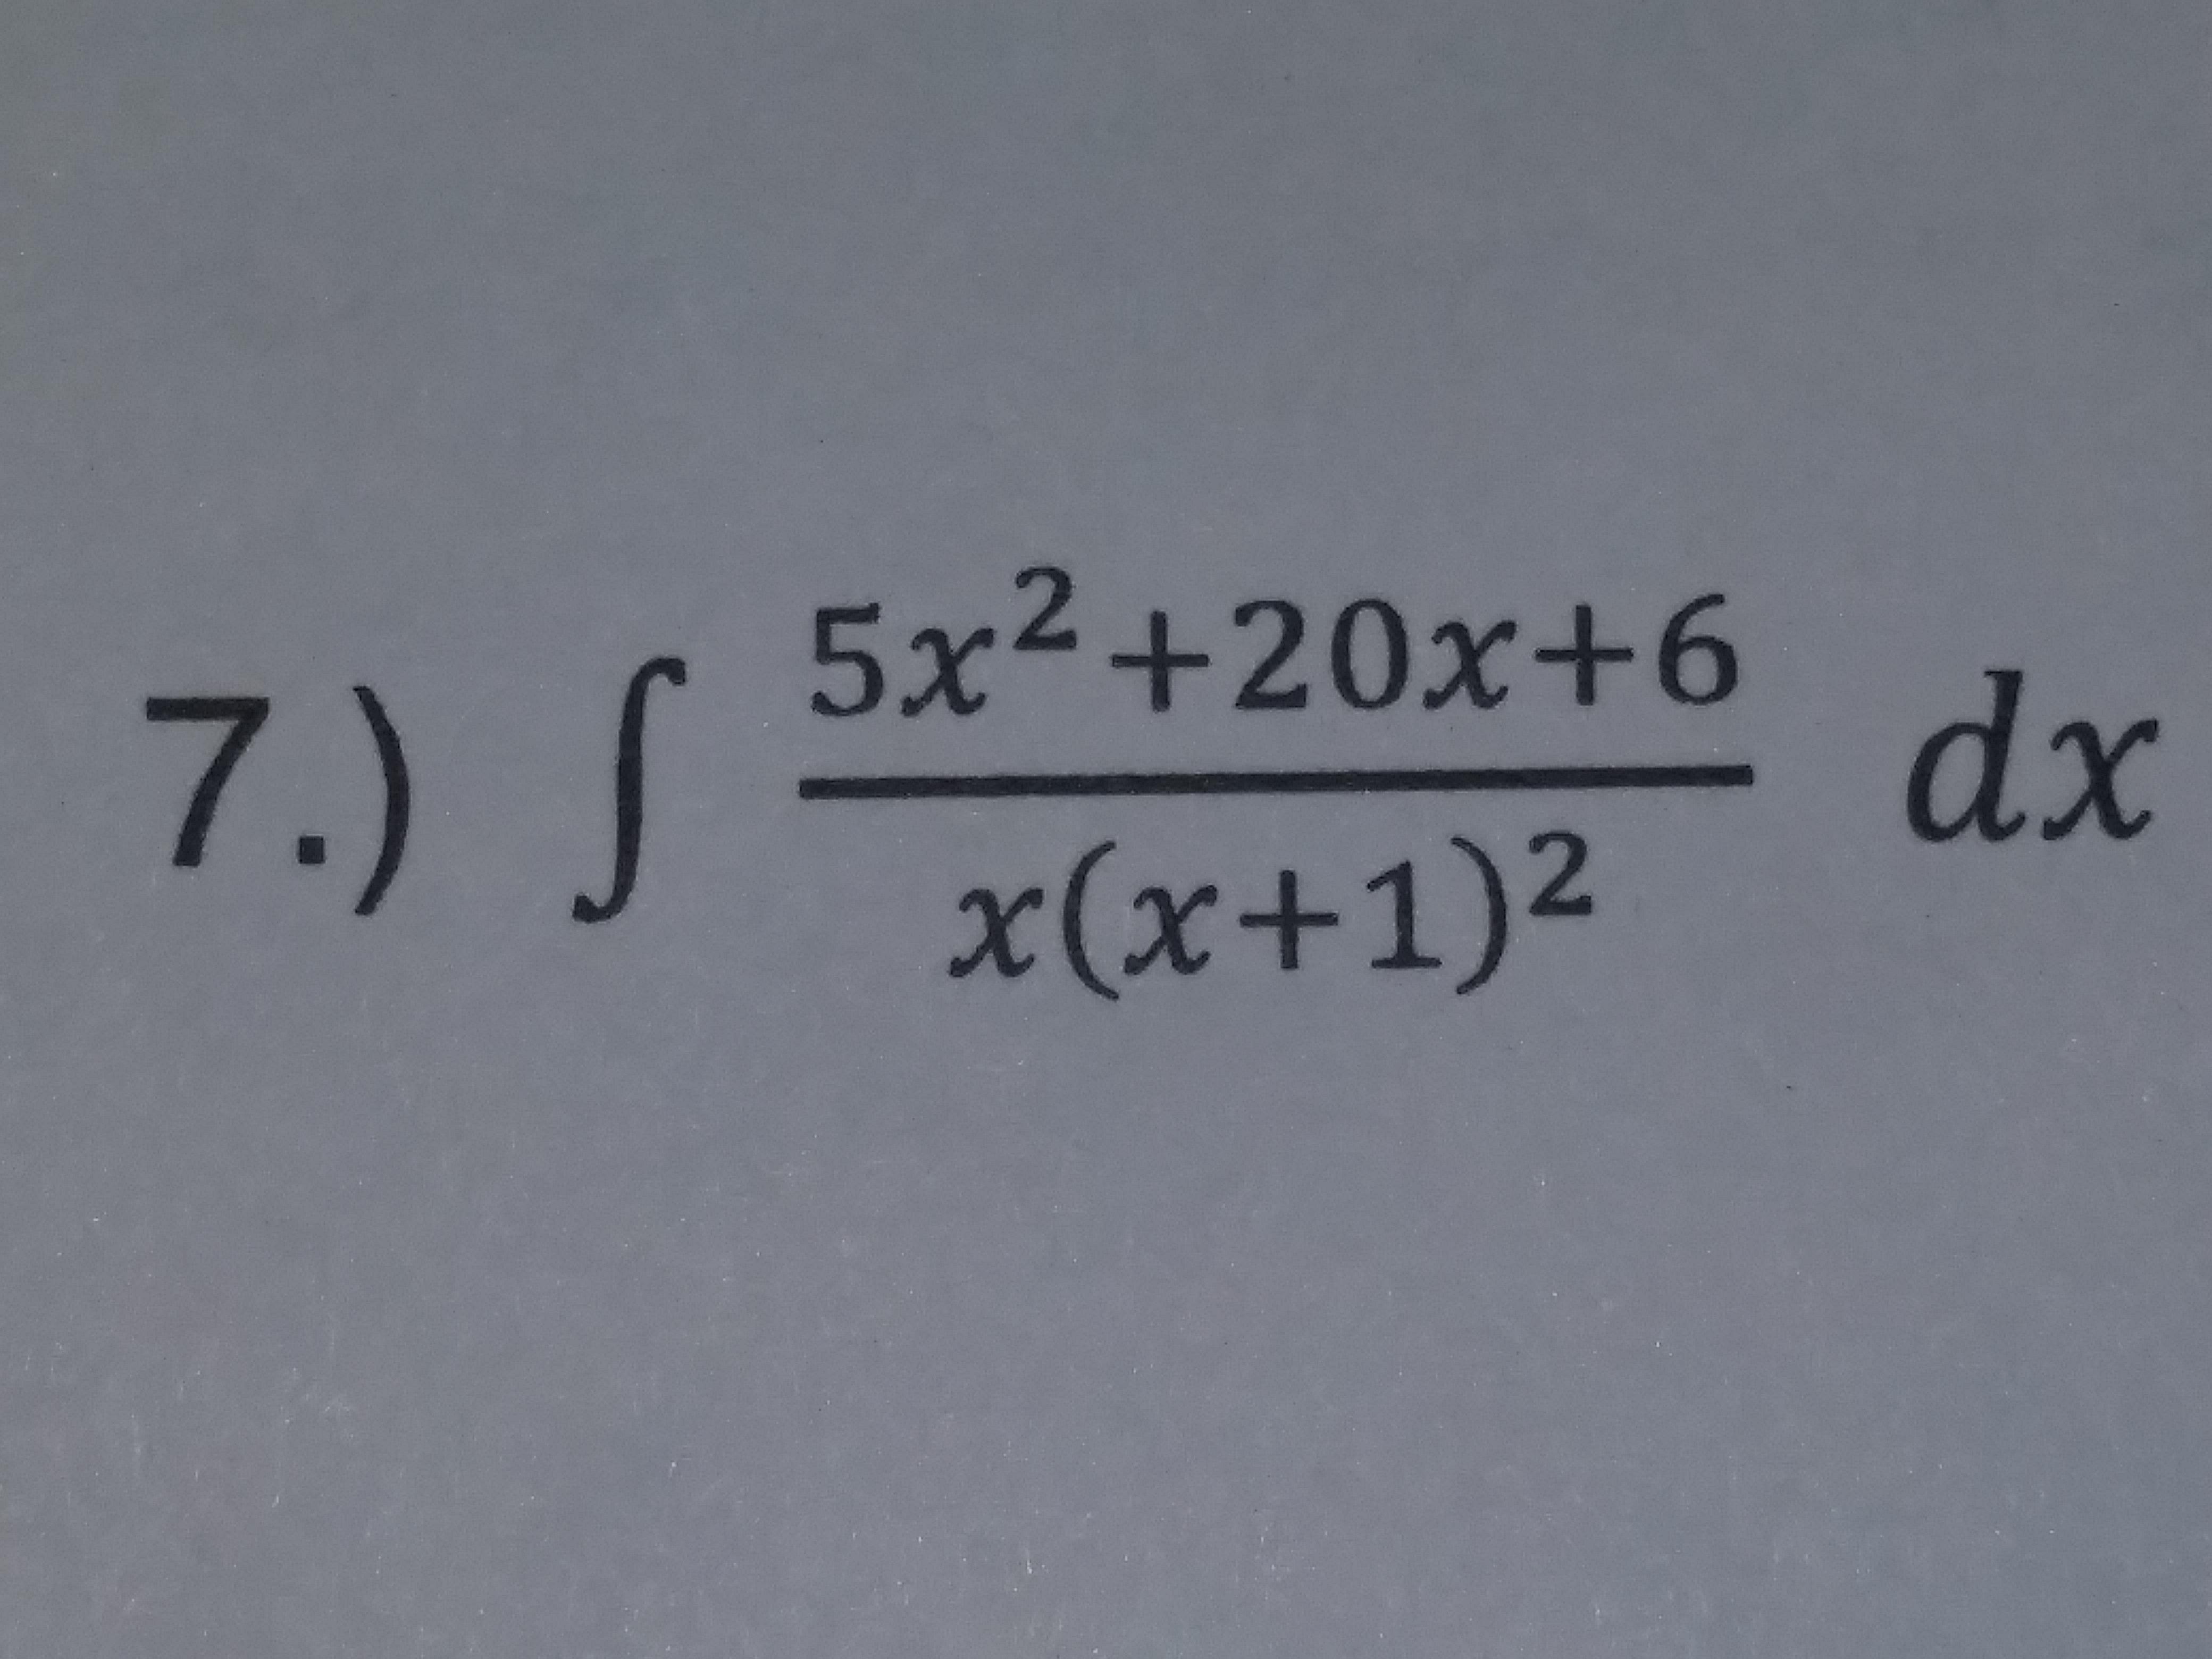 5x2 +20x+6 7 dx χ(x+1)2